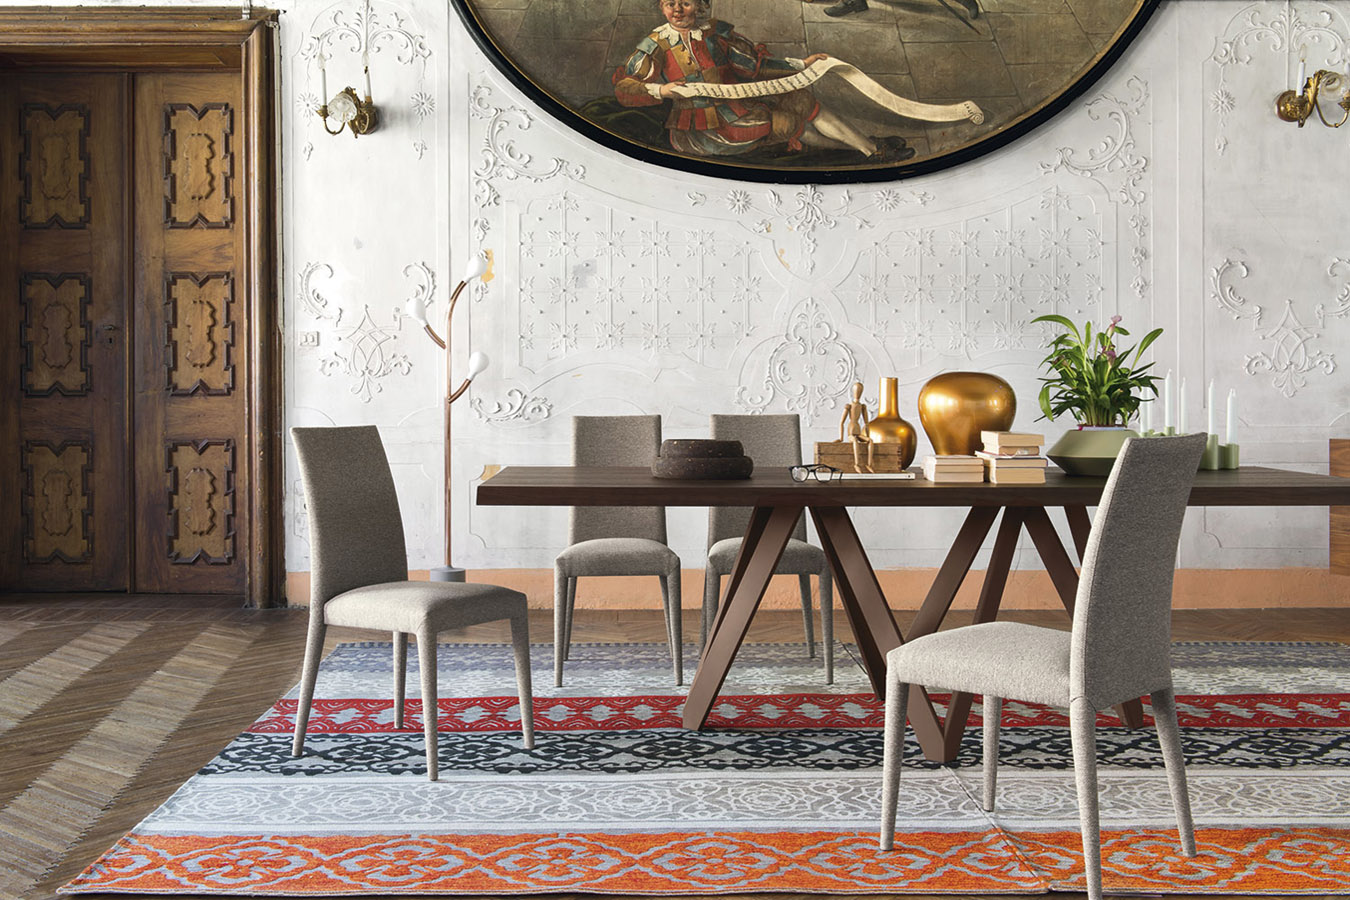 Calligaris-tavolo-Cartesio-moderno-design-legno-basamento-metallo ...